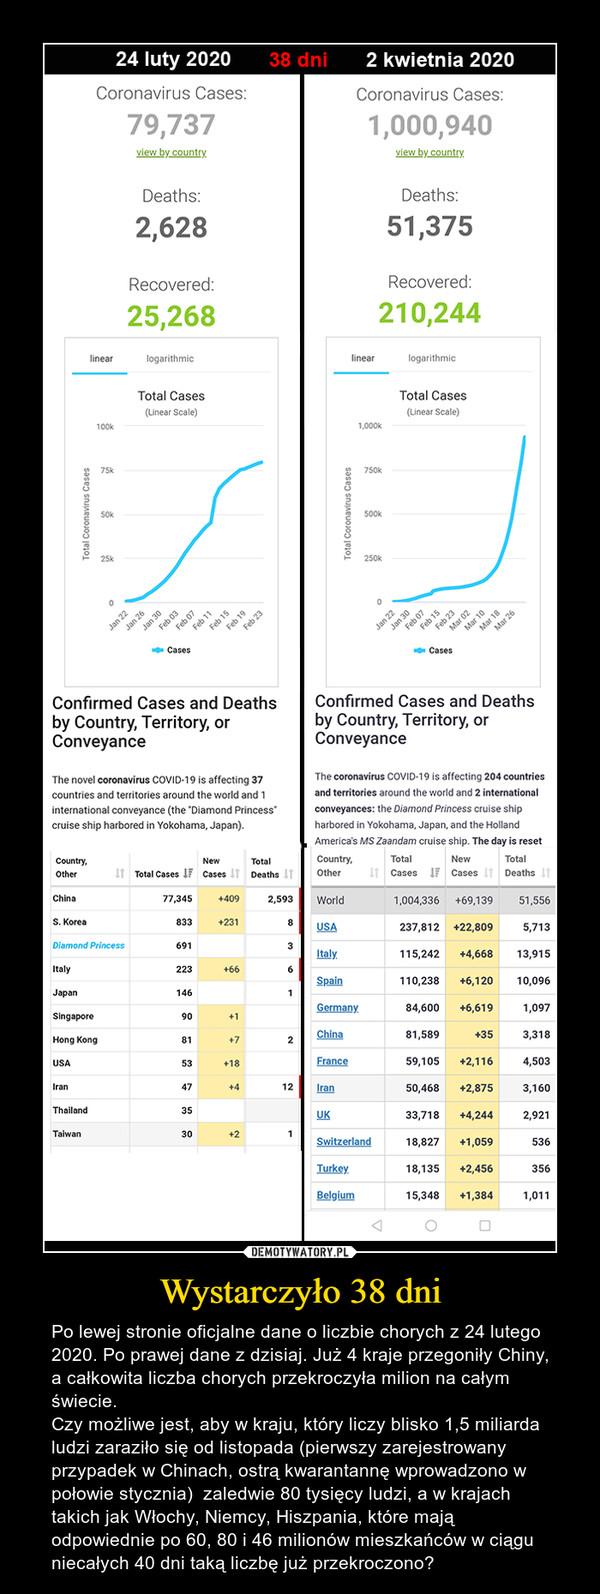 Wystarczyło 38 dni – Po lewej stronie oficjalne dane o liczbie chorych z 24 lutego 2020. Po prawej dane z dzisiaj. Już 4 kraje przegoniły Chiny, a całkowita liczba chorych przekroczyła milion na całym świecie. Czy możliwe jest, aby w kraju, który liczy blisko 1,5 miliarda ludzi zaraziło się od listopada (pierwszy zarejestrowany przypadek w Chinach, ostrą kwarantannę wprowadzono w połowie stycznia)  zaledwie 80 tysięcy ludzi, a w krajach takich jak Włochy, Niemcy, Hiszpania, które mają odpowiednie po 60, 80 i 46 milionów mieszkańców w ciągu niecałych 40 dni taką liczbę już przekroczono?